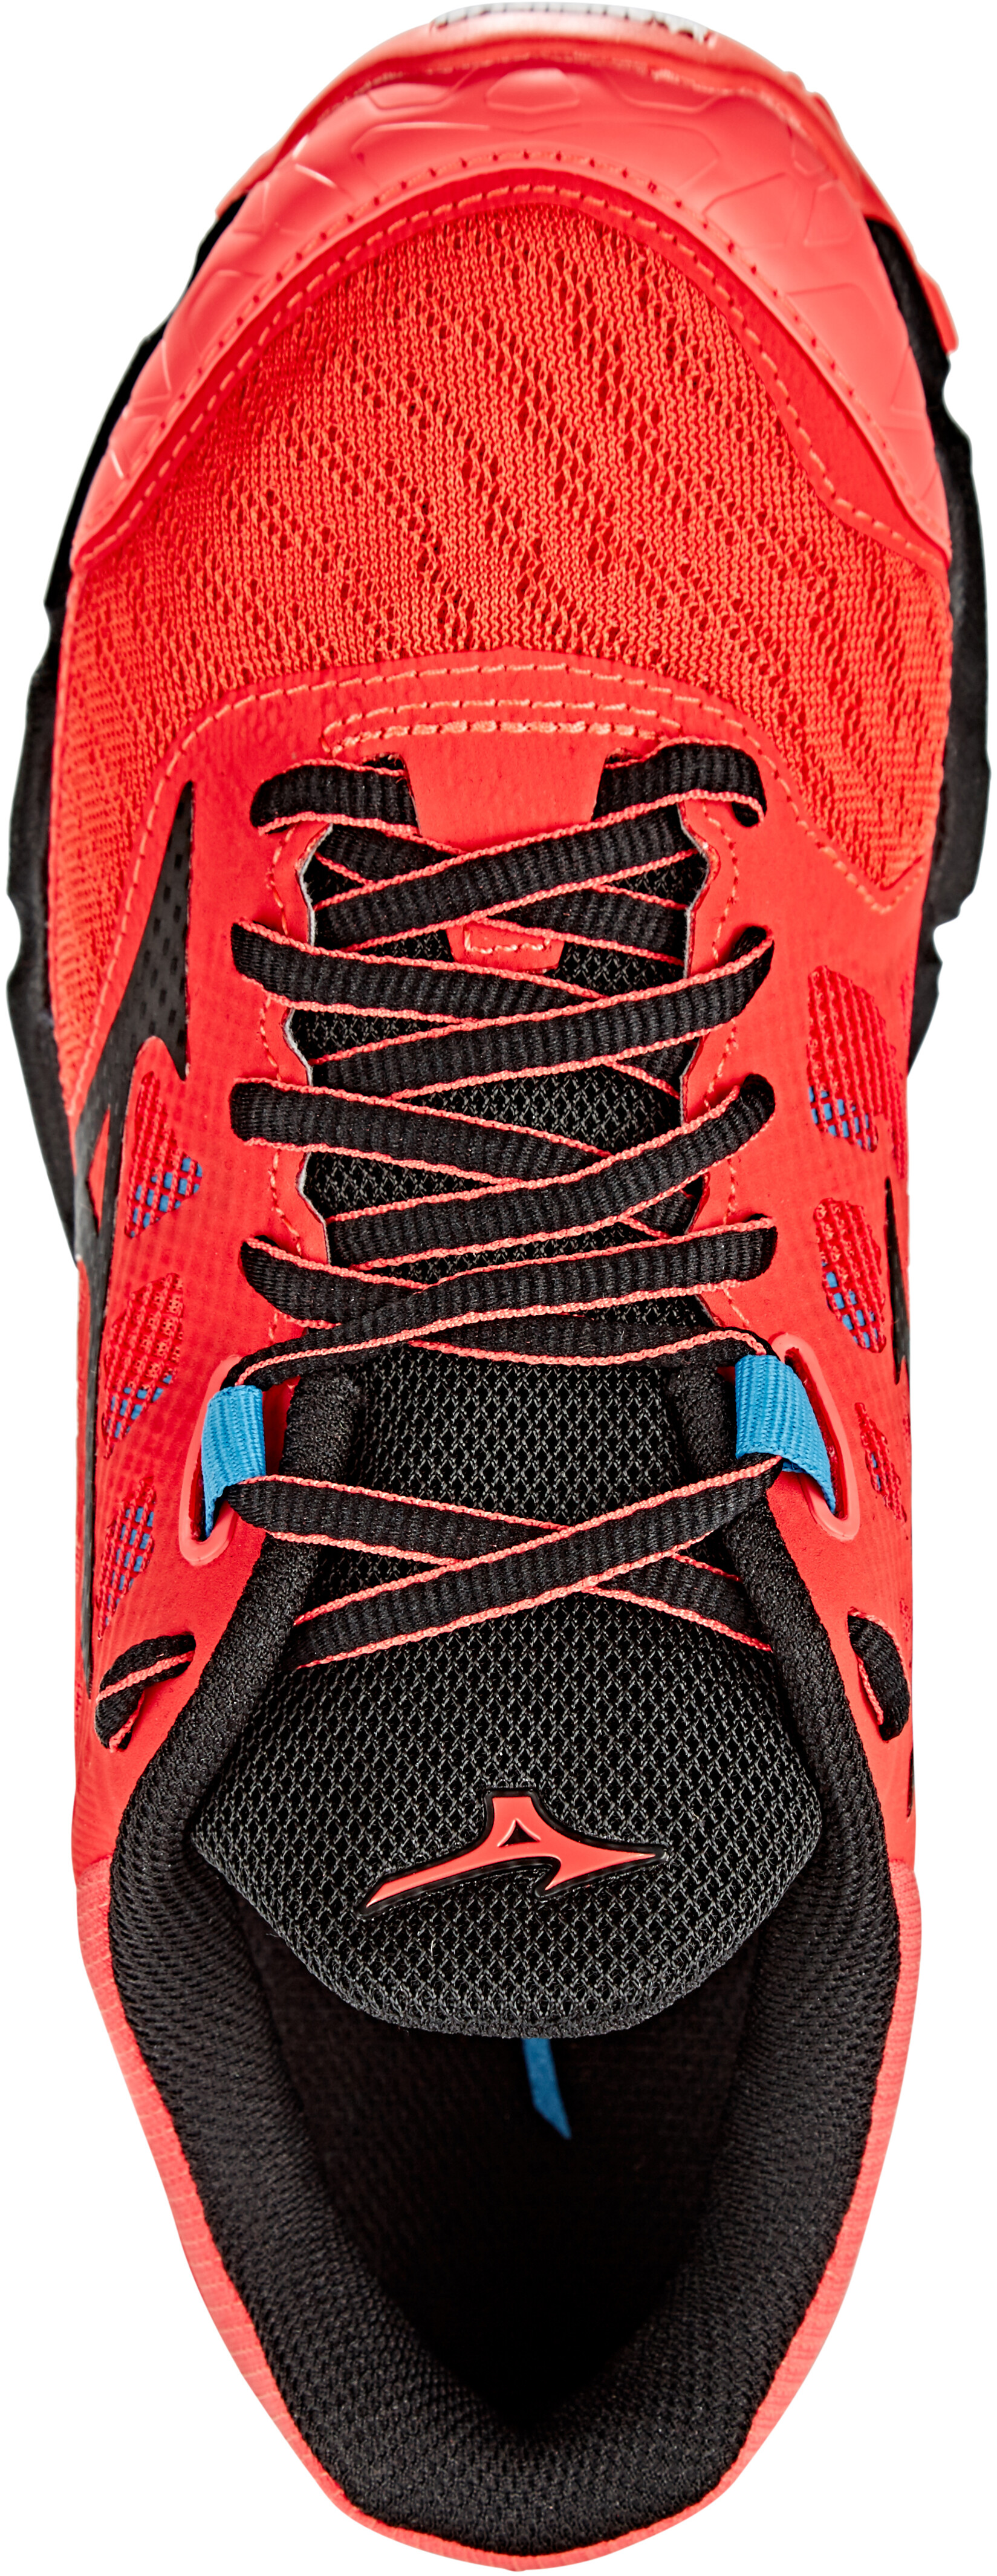 Mizuno Wave Hayate 5 scarpe da corsa Donna rosa nero su Bikester 8af53e84b7f